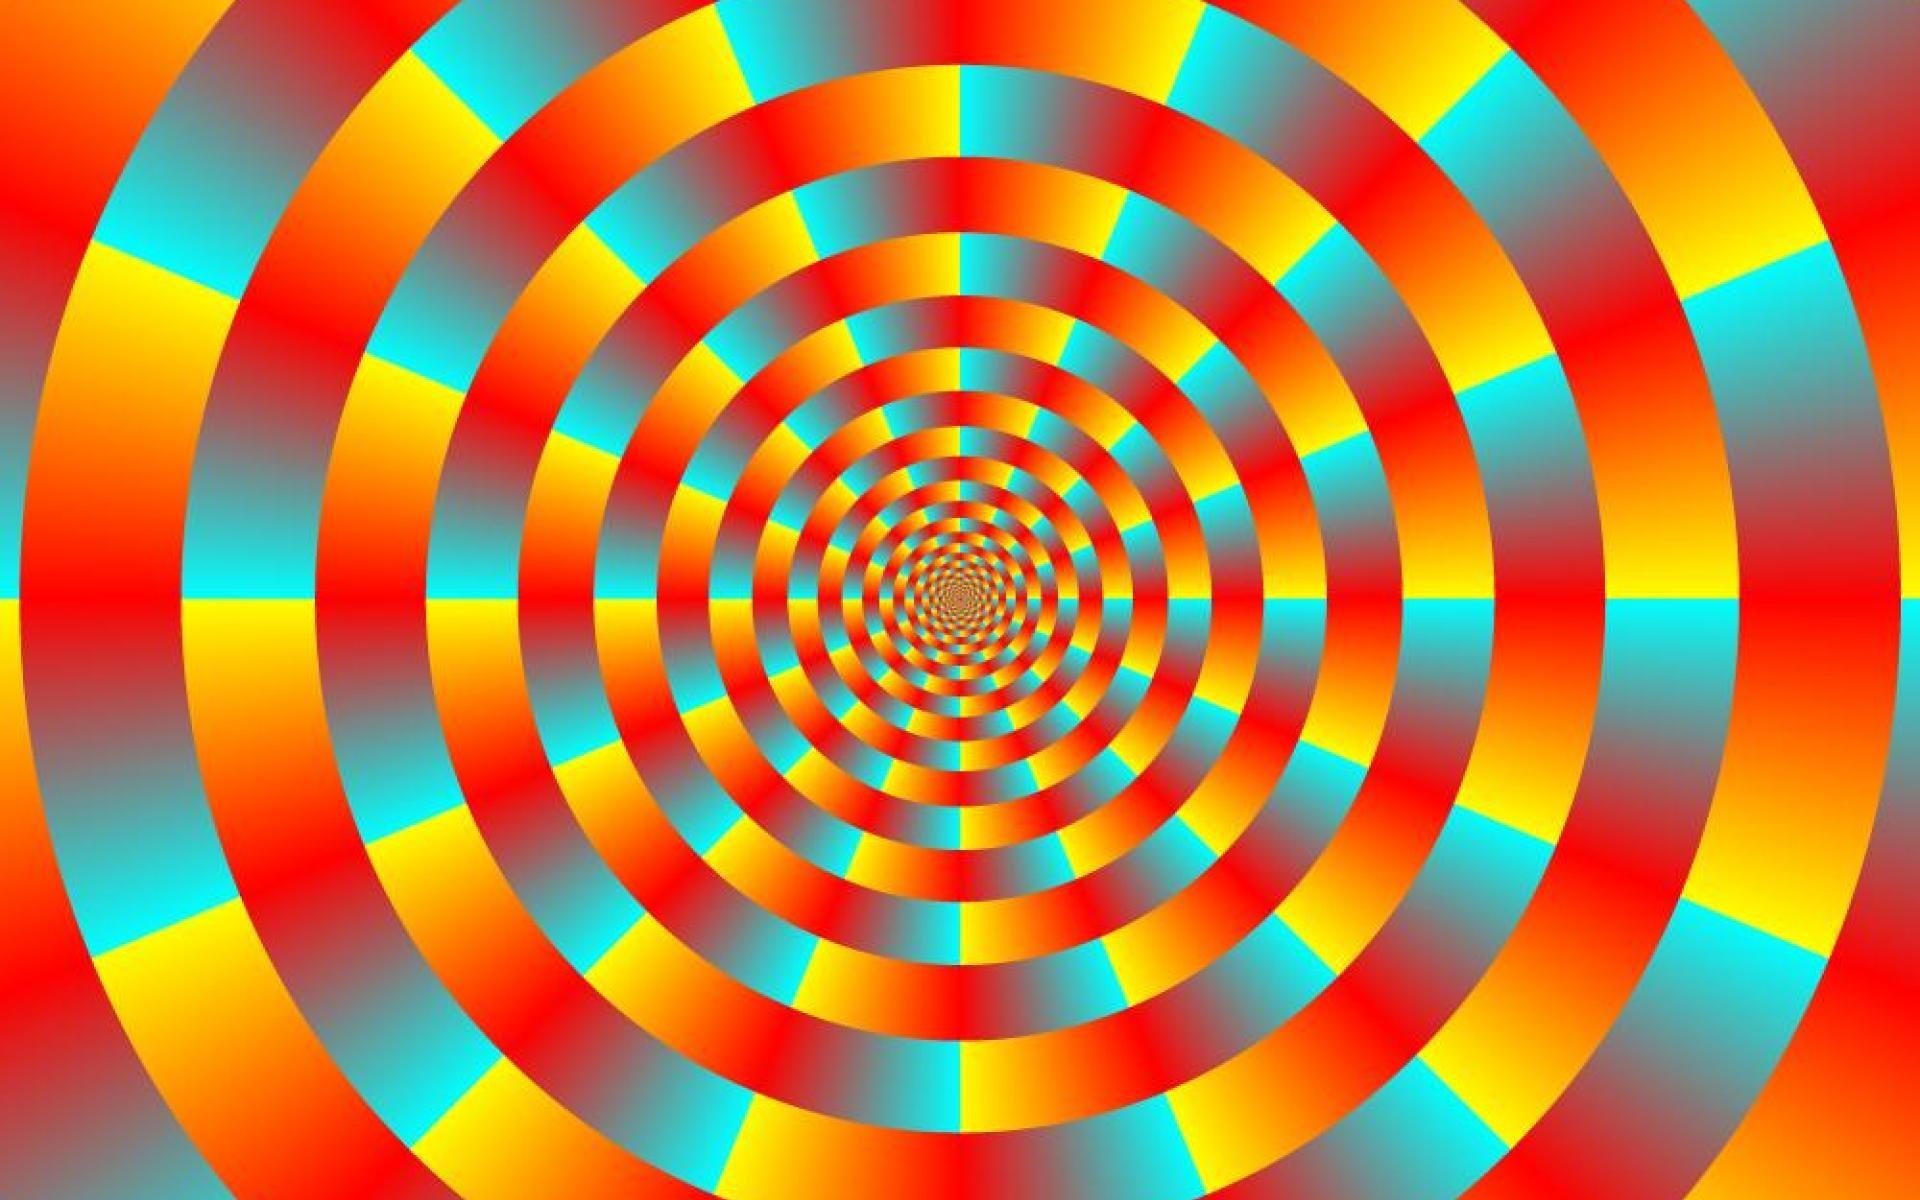 Illusion desktop backgrounds